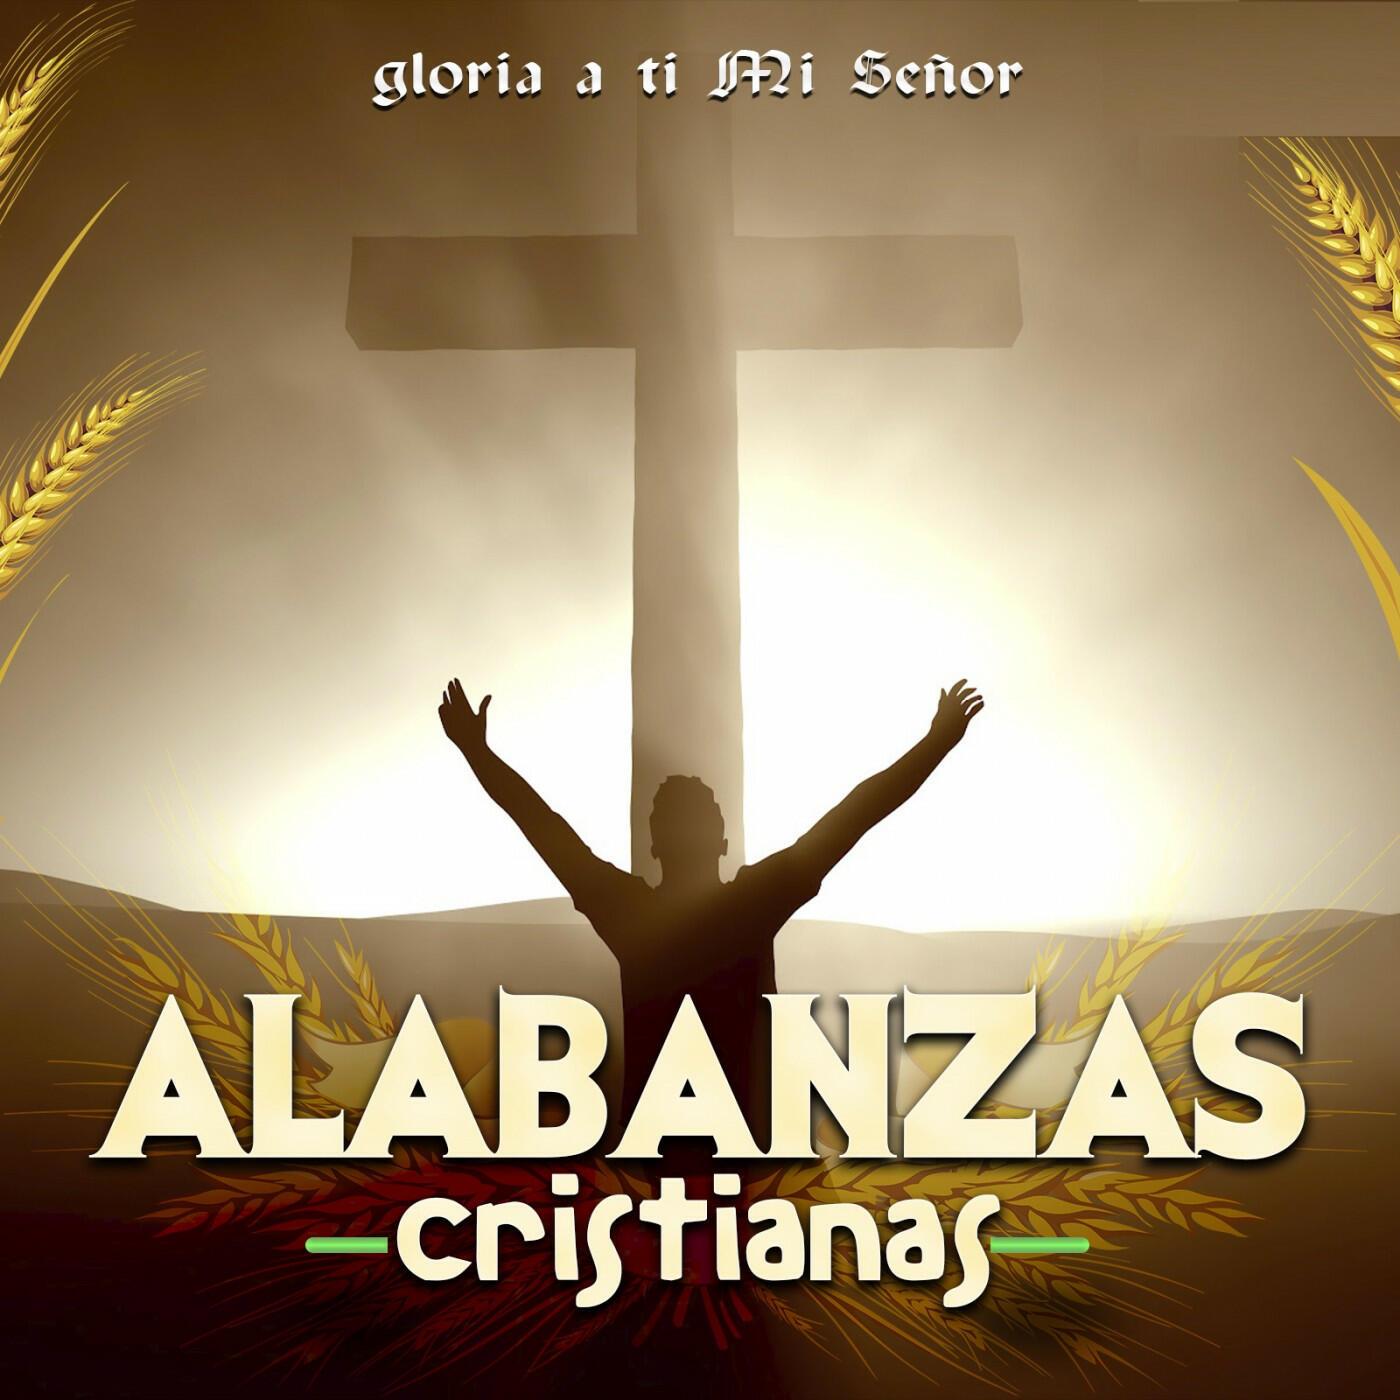 Alabanzas Cristianas De Adoracion alabanzas cristianas radio: listen to free music & get the